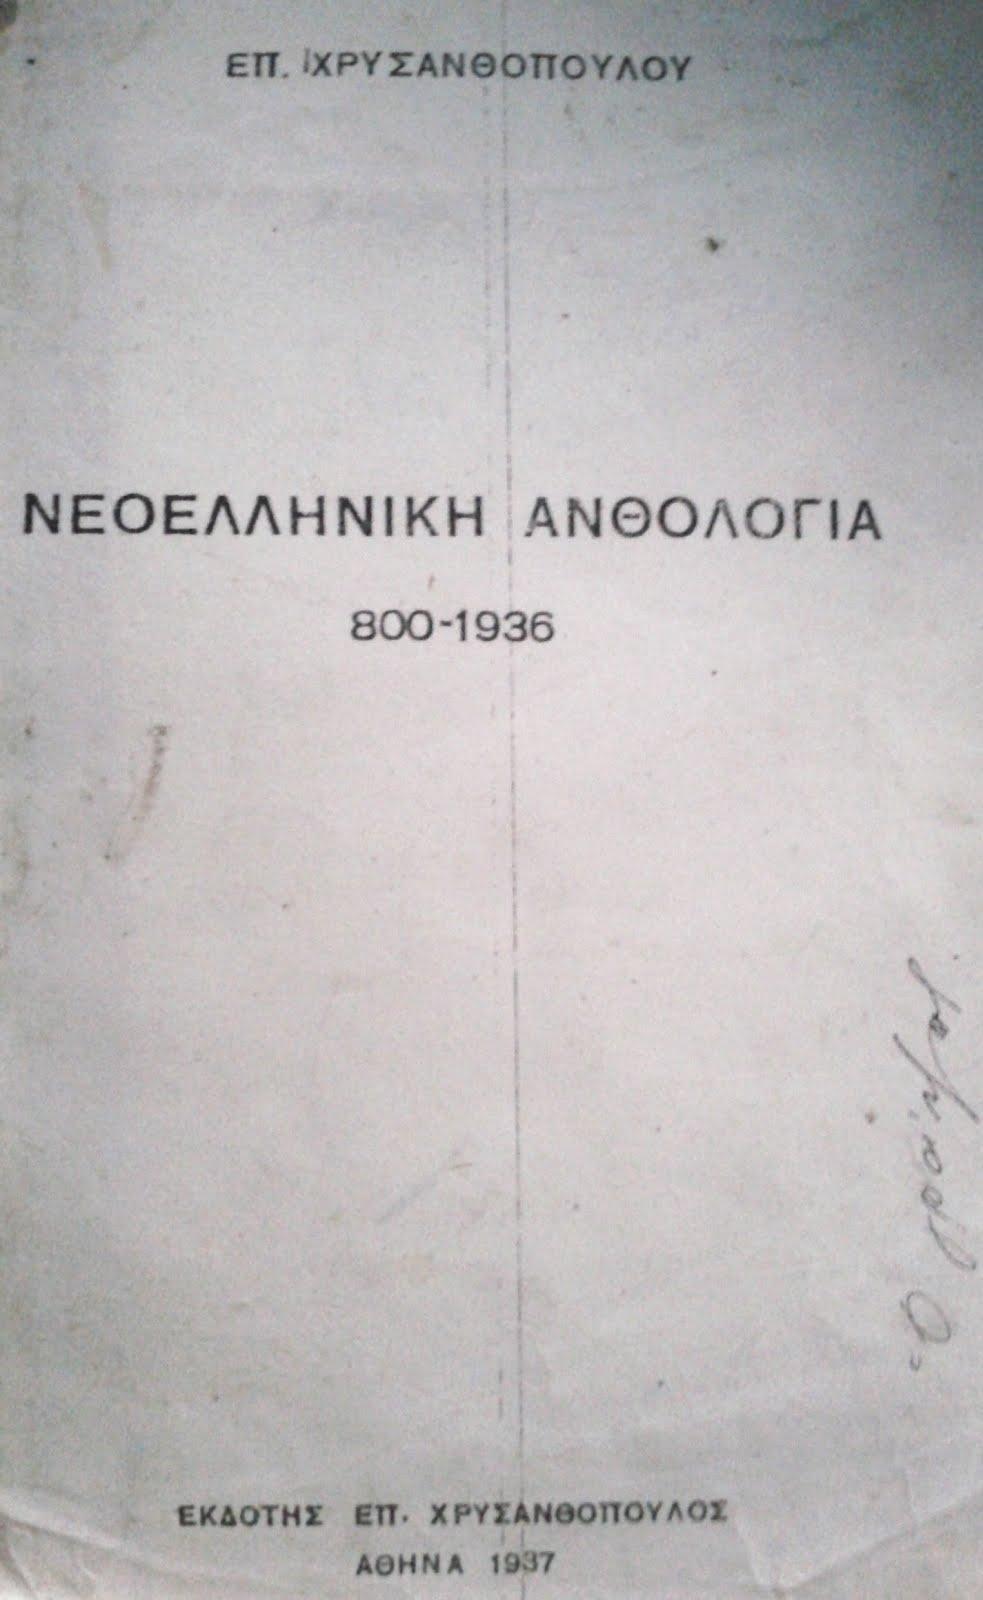 ΒΙΒΛΙΑ/ ΑΝΘΟΛΟΓΙΑ ΧΡΥΣΑΝΘΟΠΟΥΛΟΥ